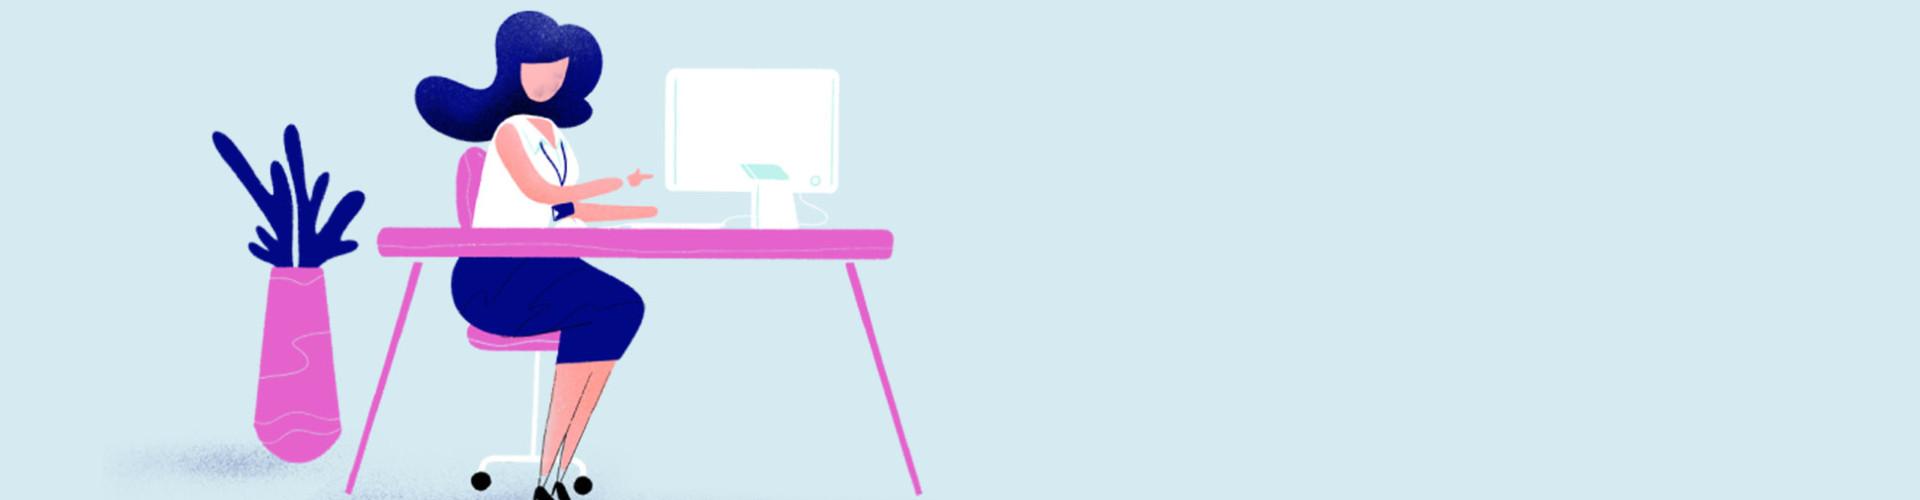 Online afvallen met het 1 op 1 dieet van Nederland